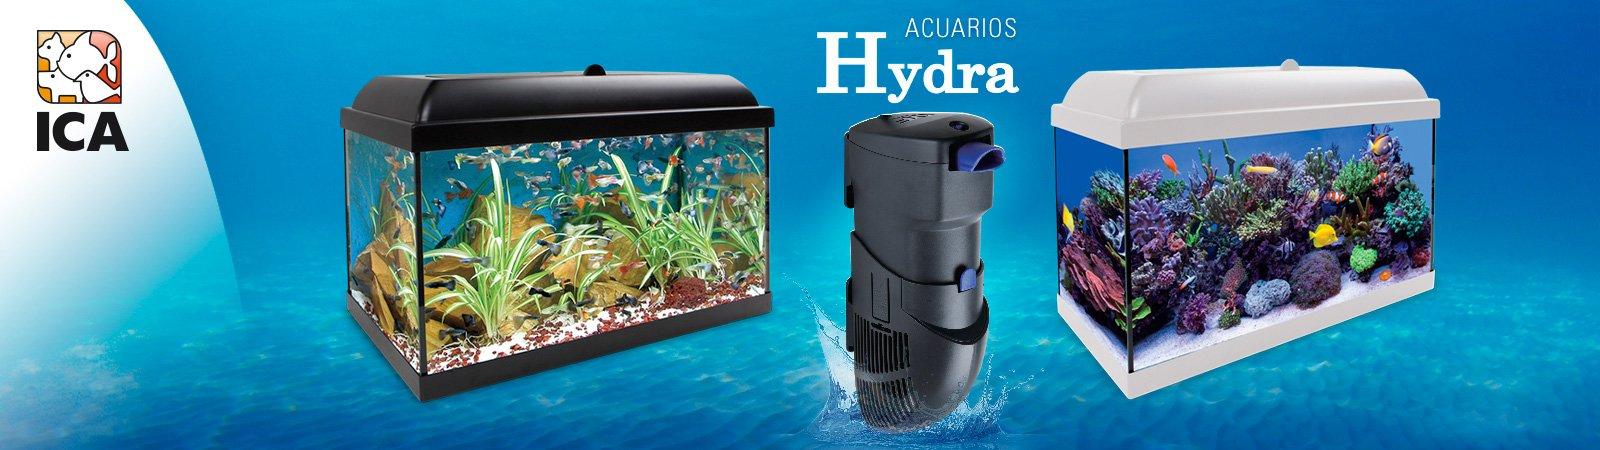 Kit Acuarios Hydra: agua dulce y marinos